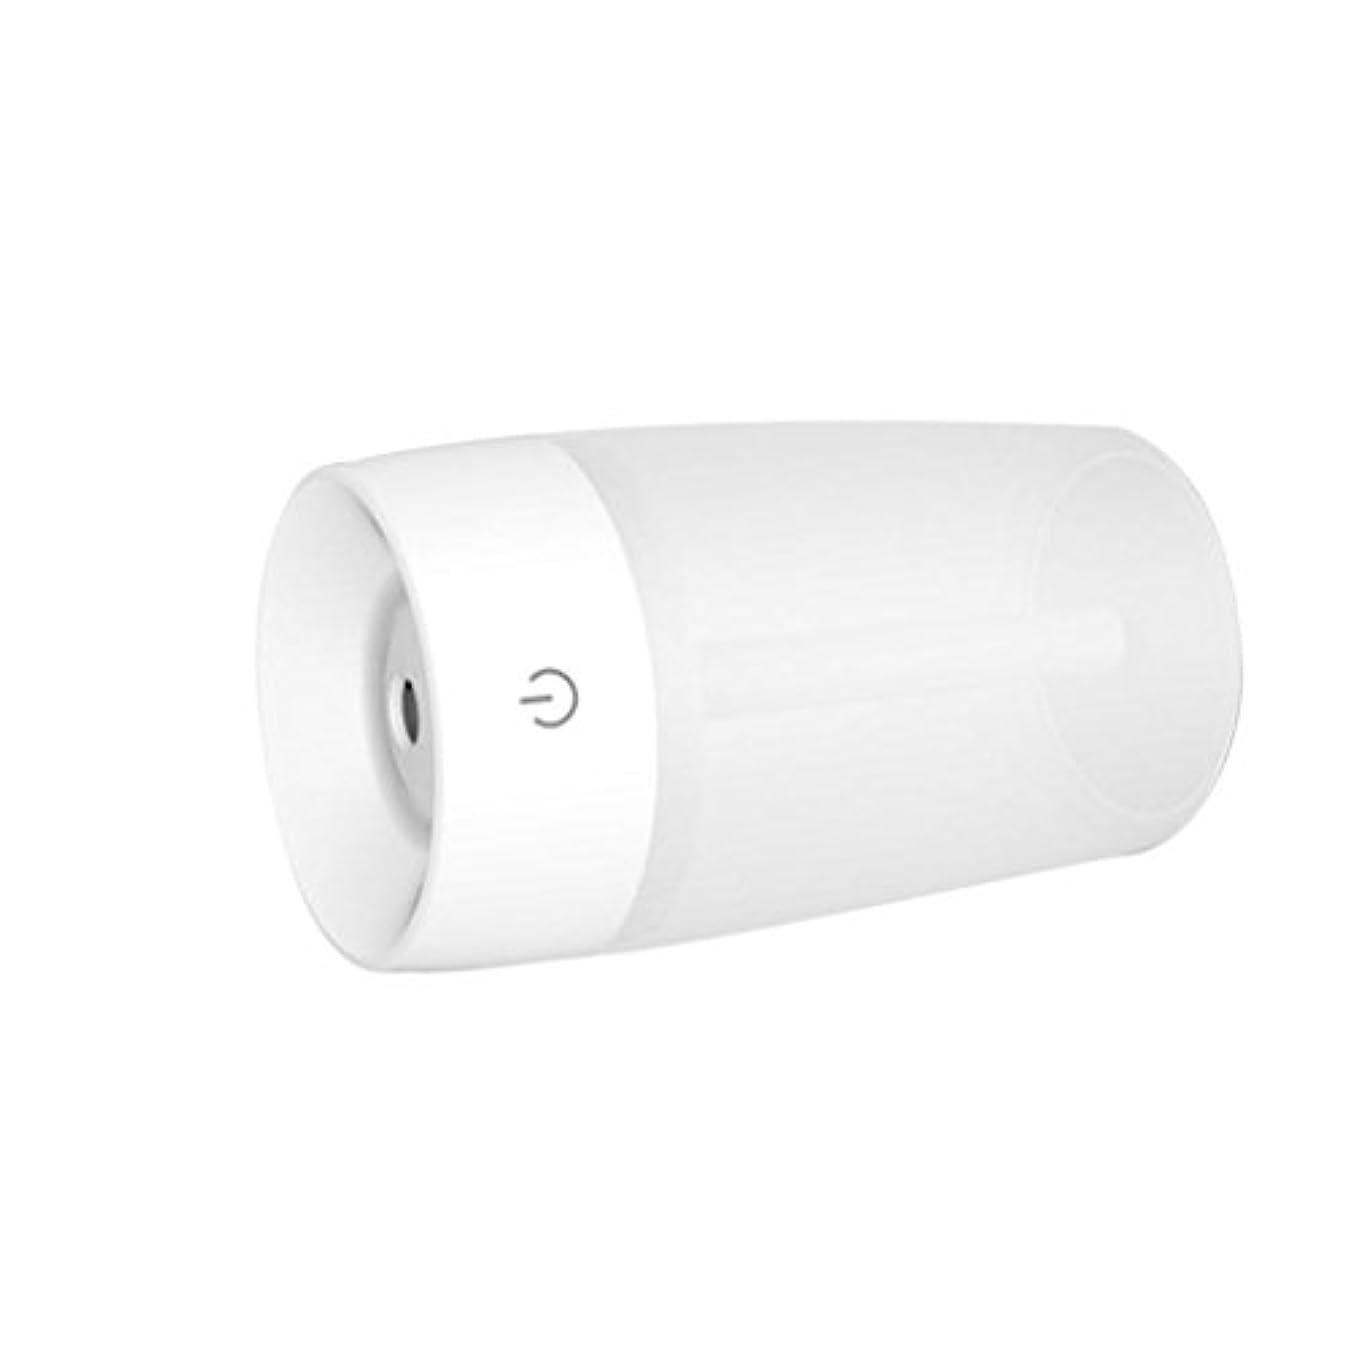 スキャン出版効率的に加湿器 USB カップ形状 ポータブル アロマディフューザー 空気 アトマイザー 全3色 - 白い